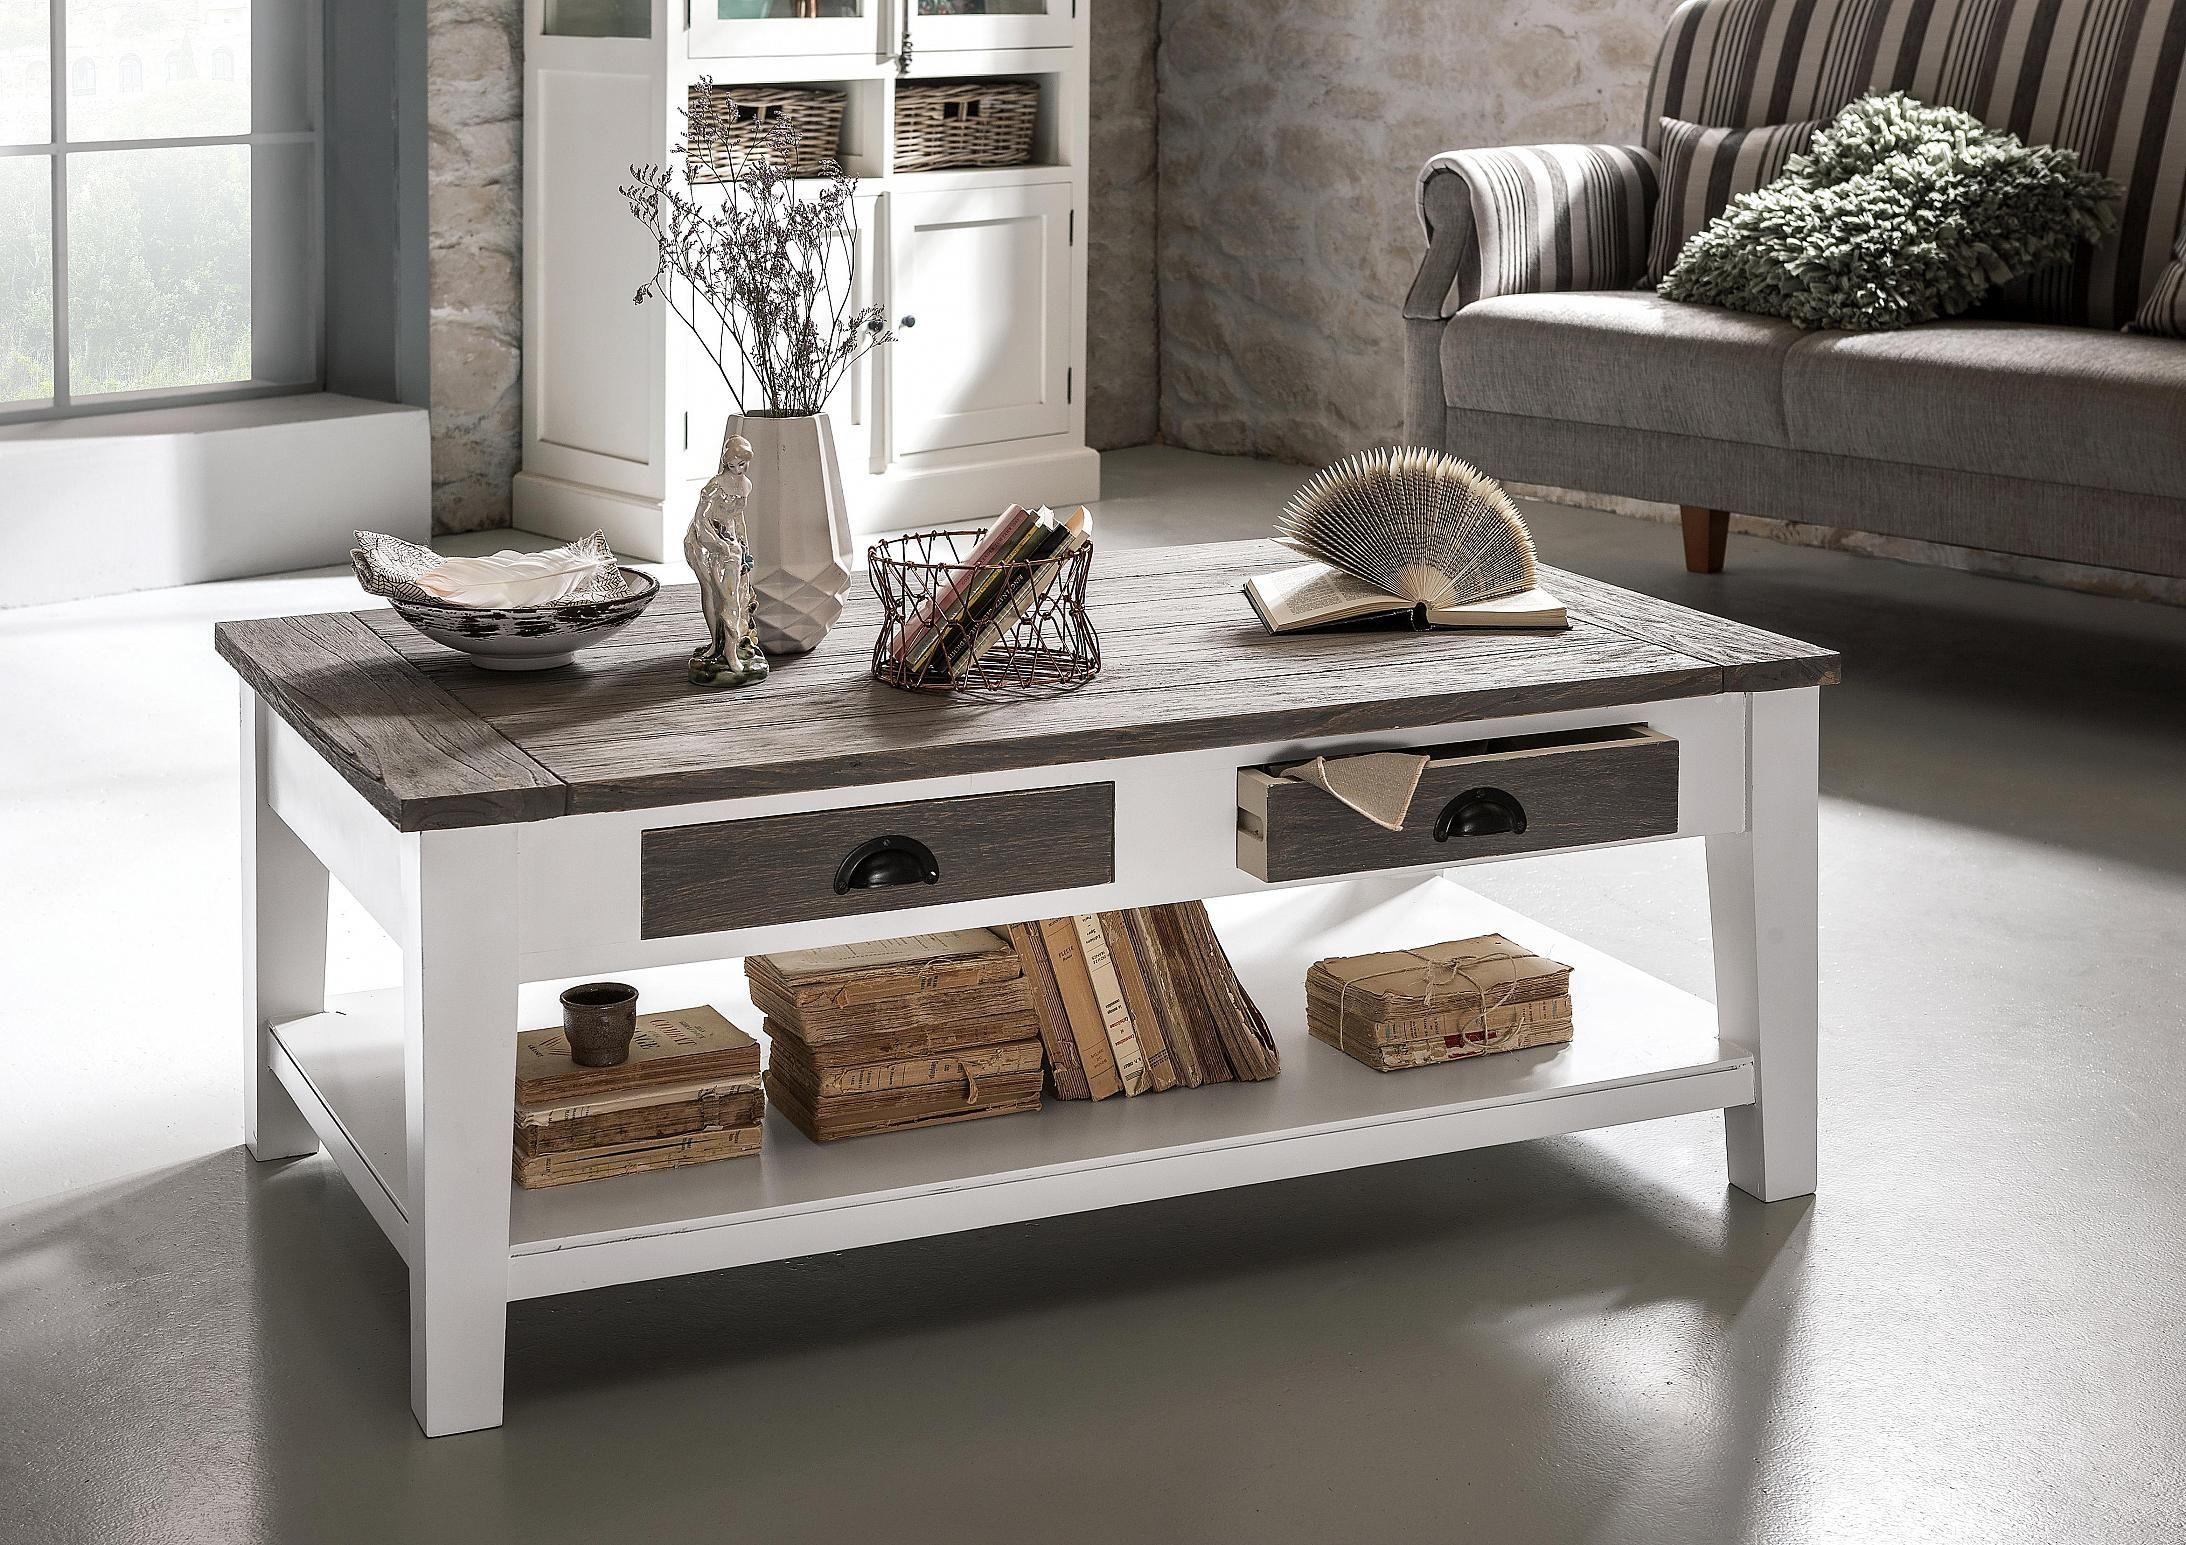 Deutsche Gemütlichkeit - Couchtisch als stilvolle Ergänzung im Wohnzimmer: weißes Massivholzgestell - Tischplatte washed grey - ca. 120 x 70 cm -  Produktnummer: 334096-099-00-260